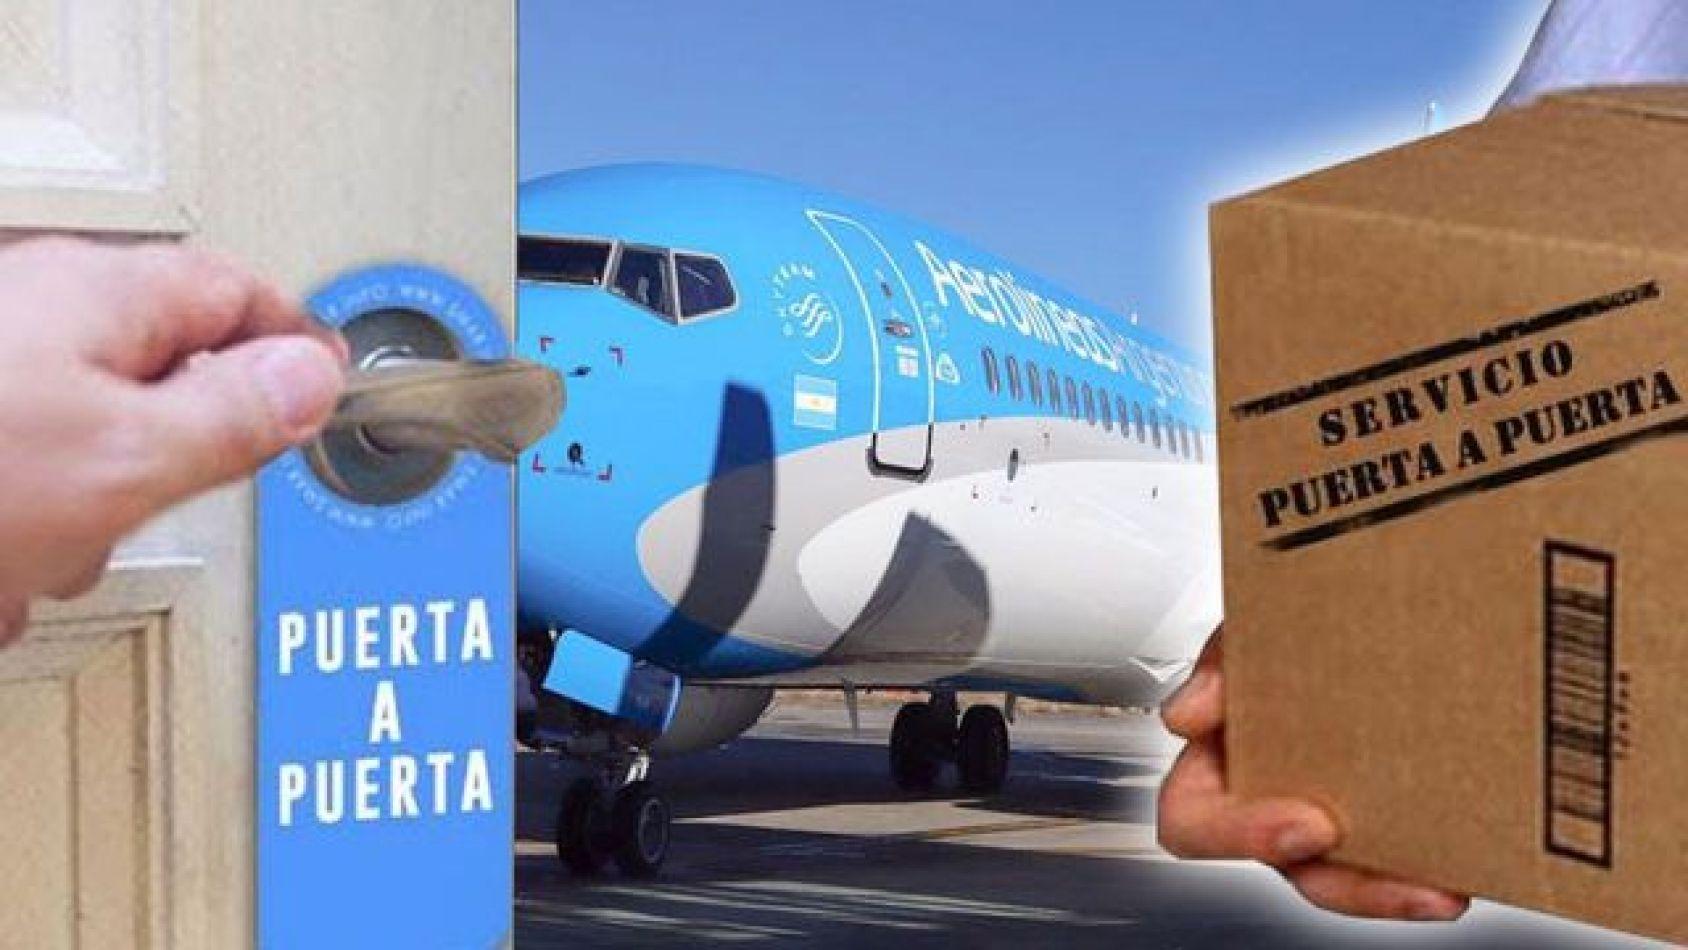 Servicio puerta puerta de Aerolineas Argentinas